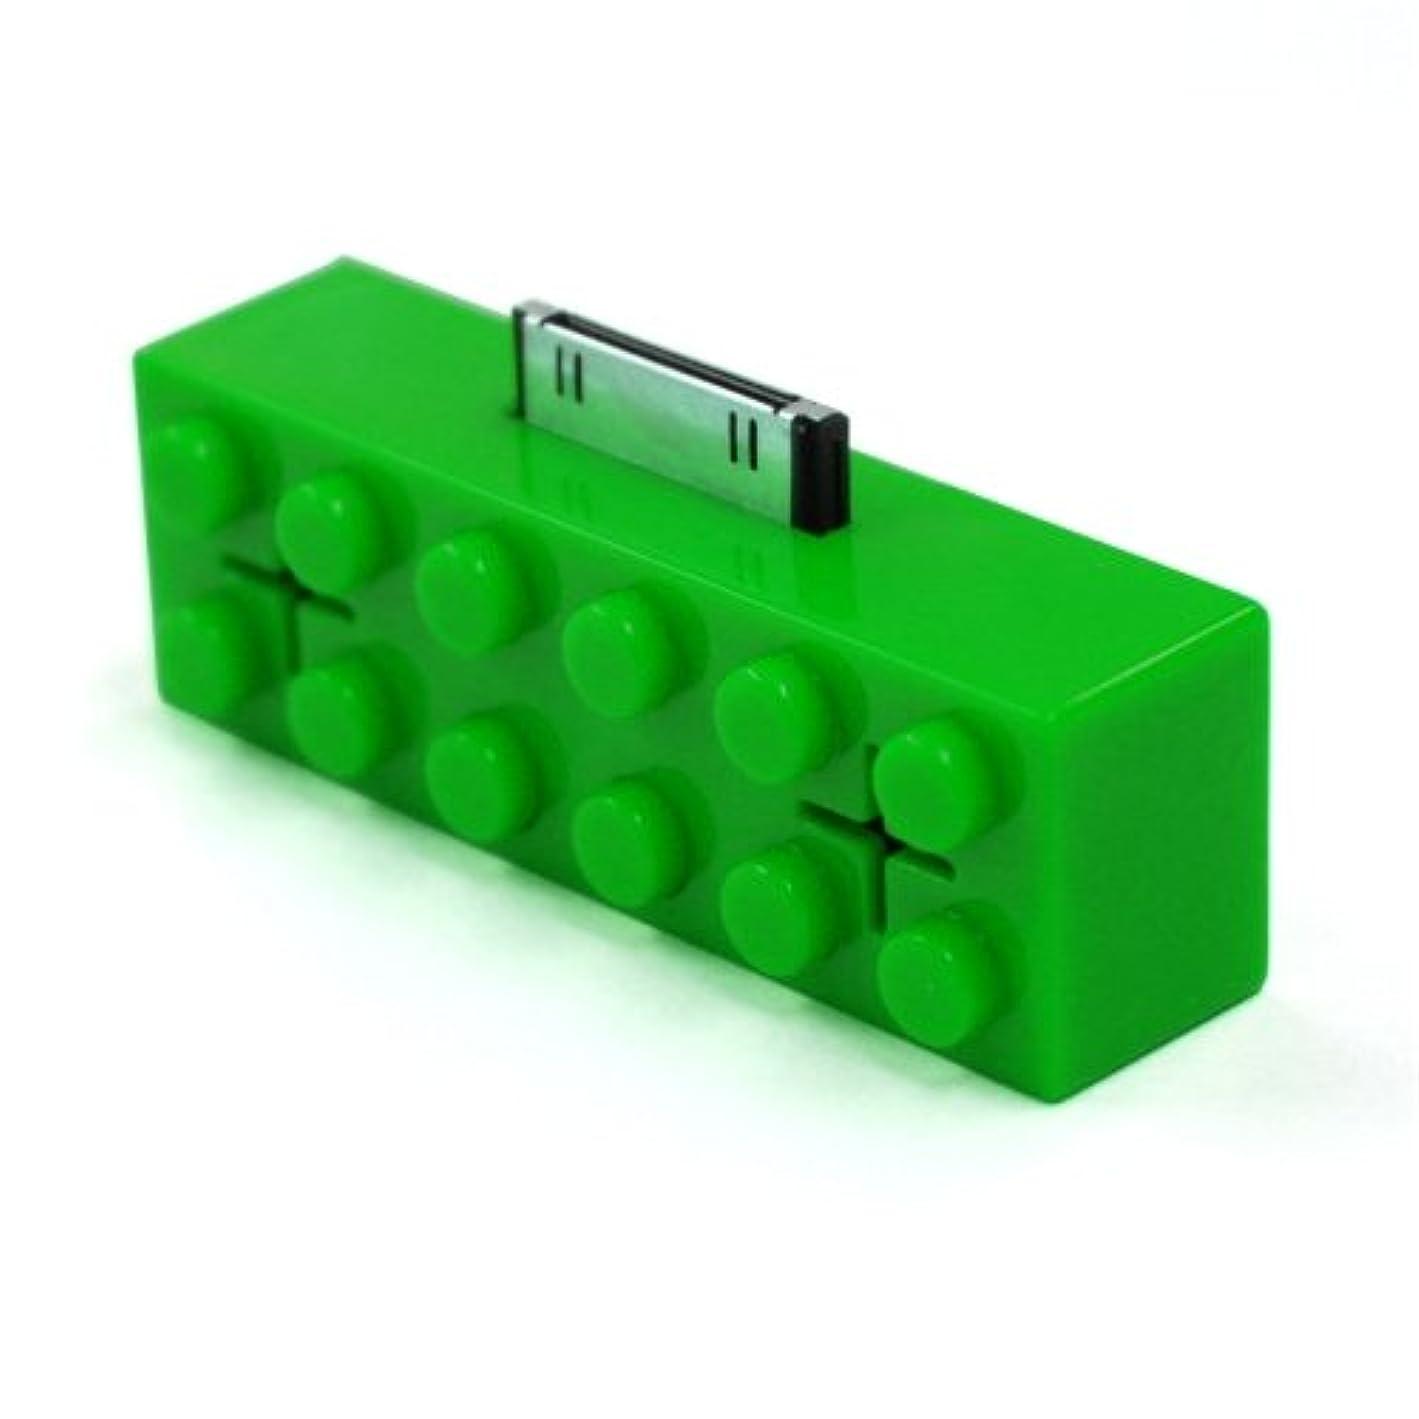 最少抵抗力があるブランデーVERSOS iBlock SPEAKER 緑 BB5002-G